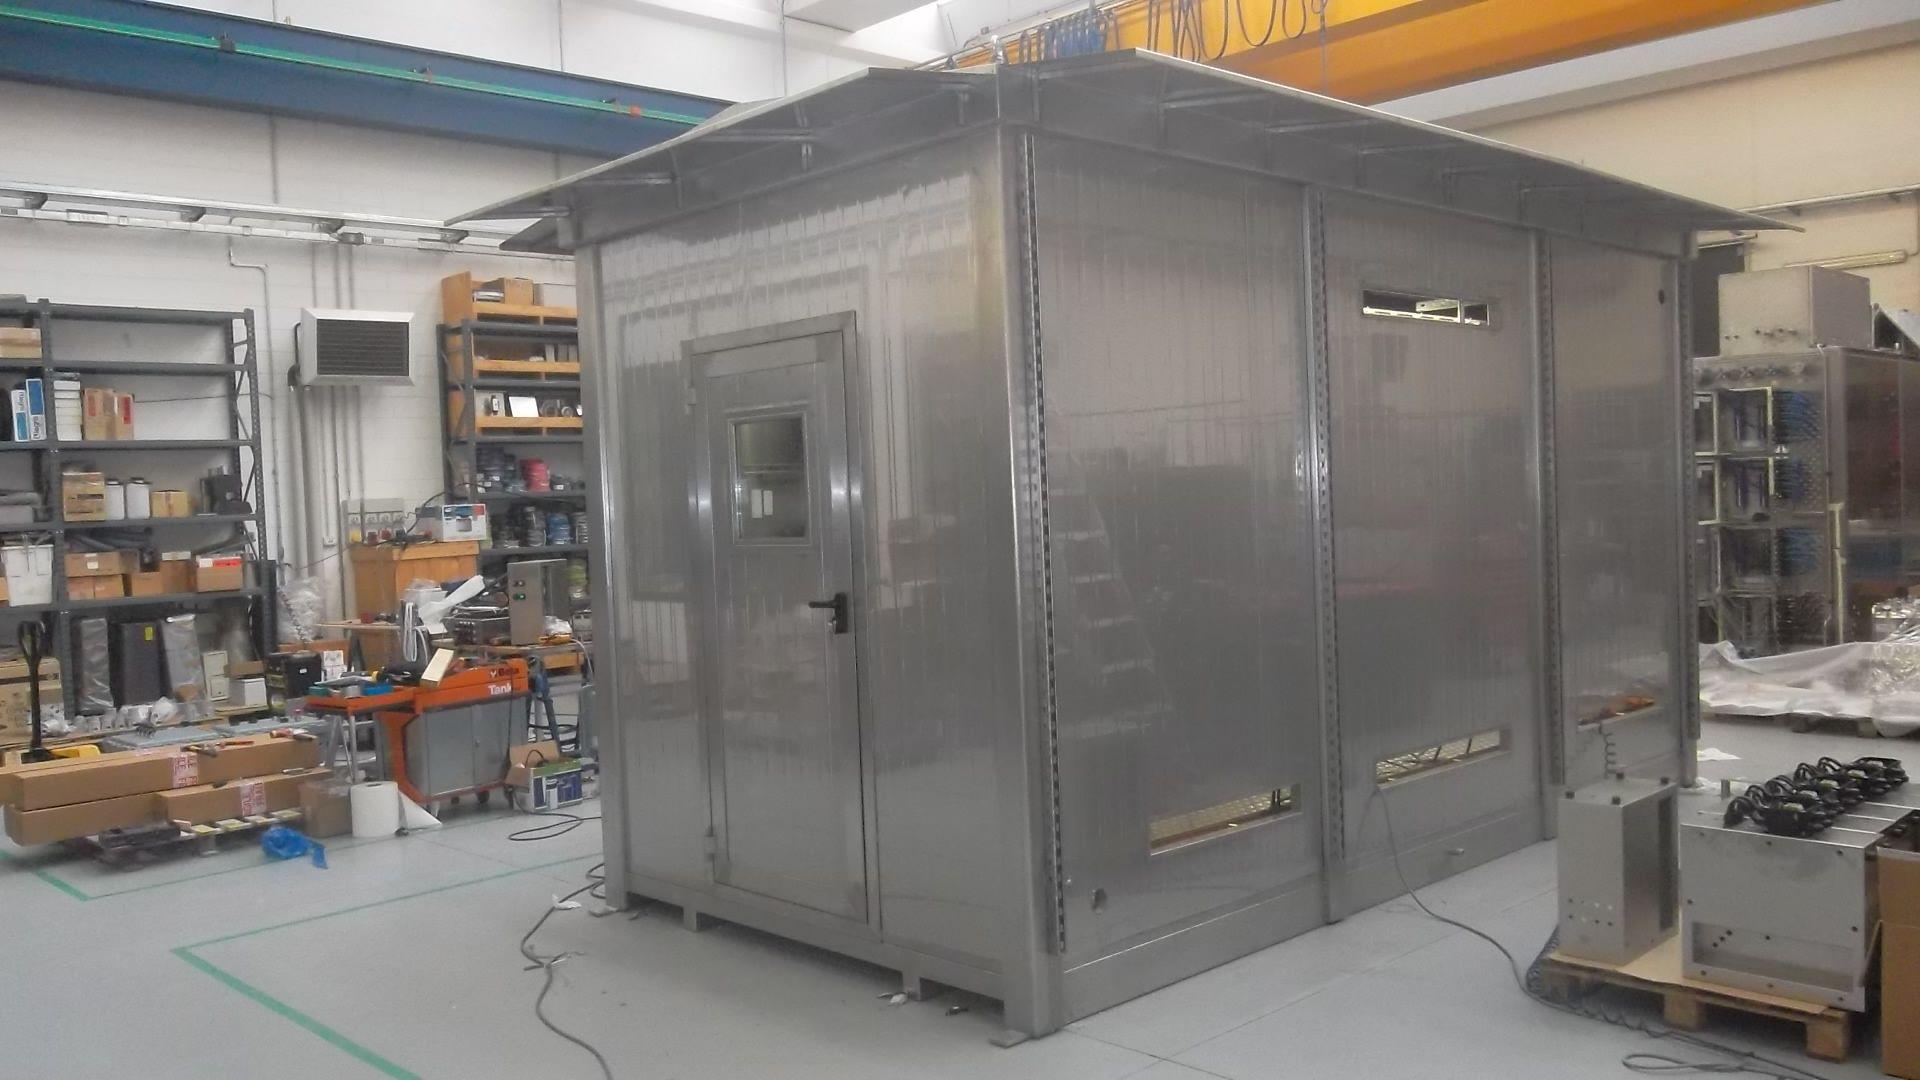 Monoblocco uso SHELTER Inox - AISI 304 Cabina Analisi Dimensioni 500 x 250 x 280h esterna cm